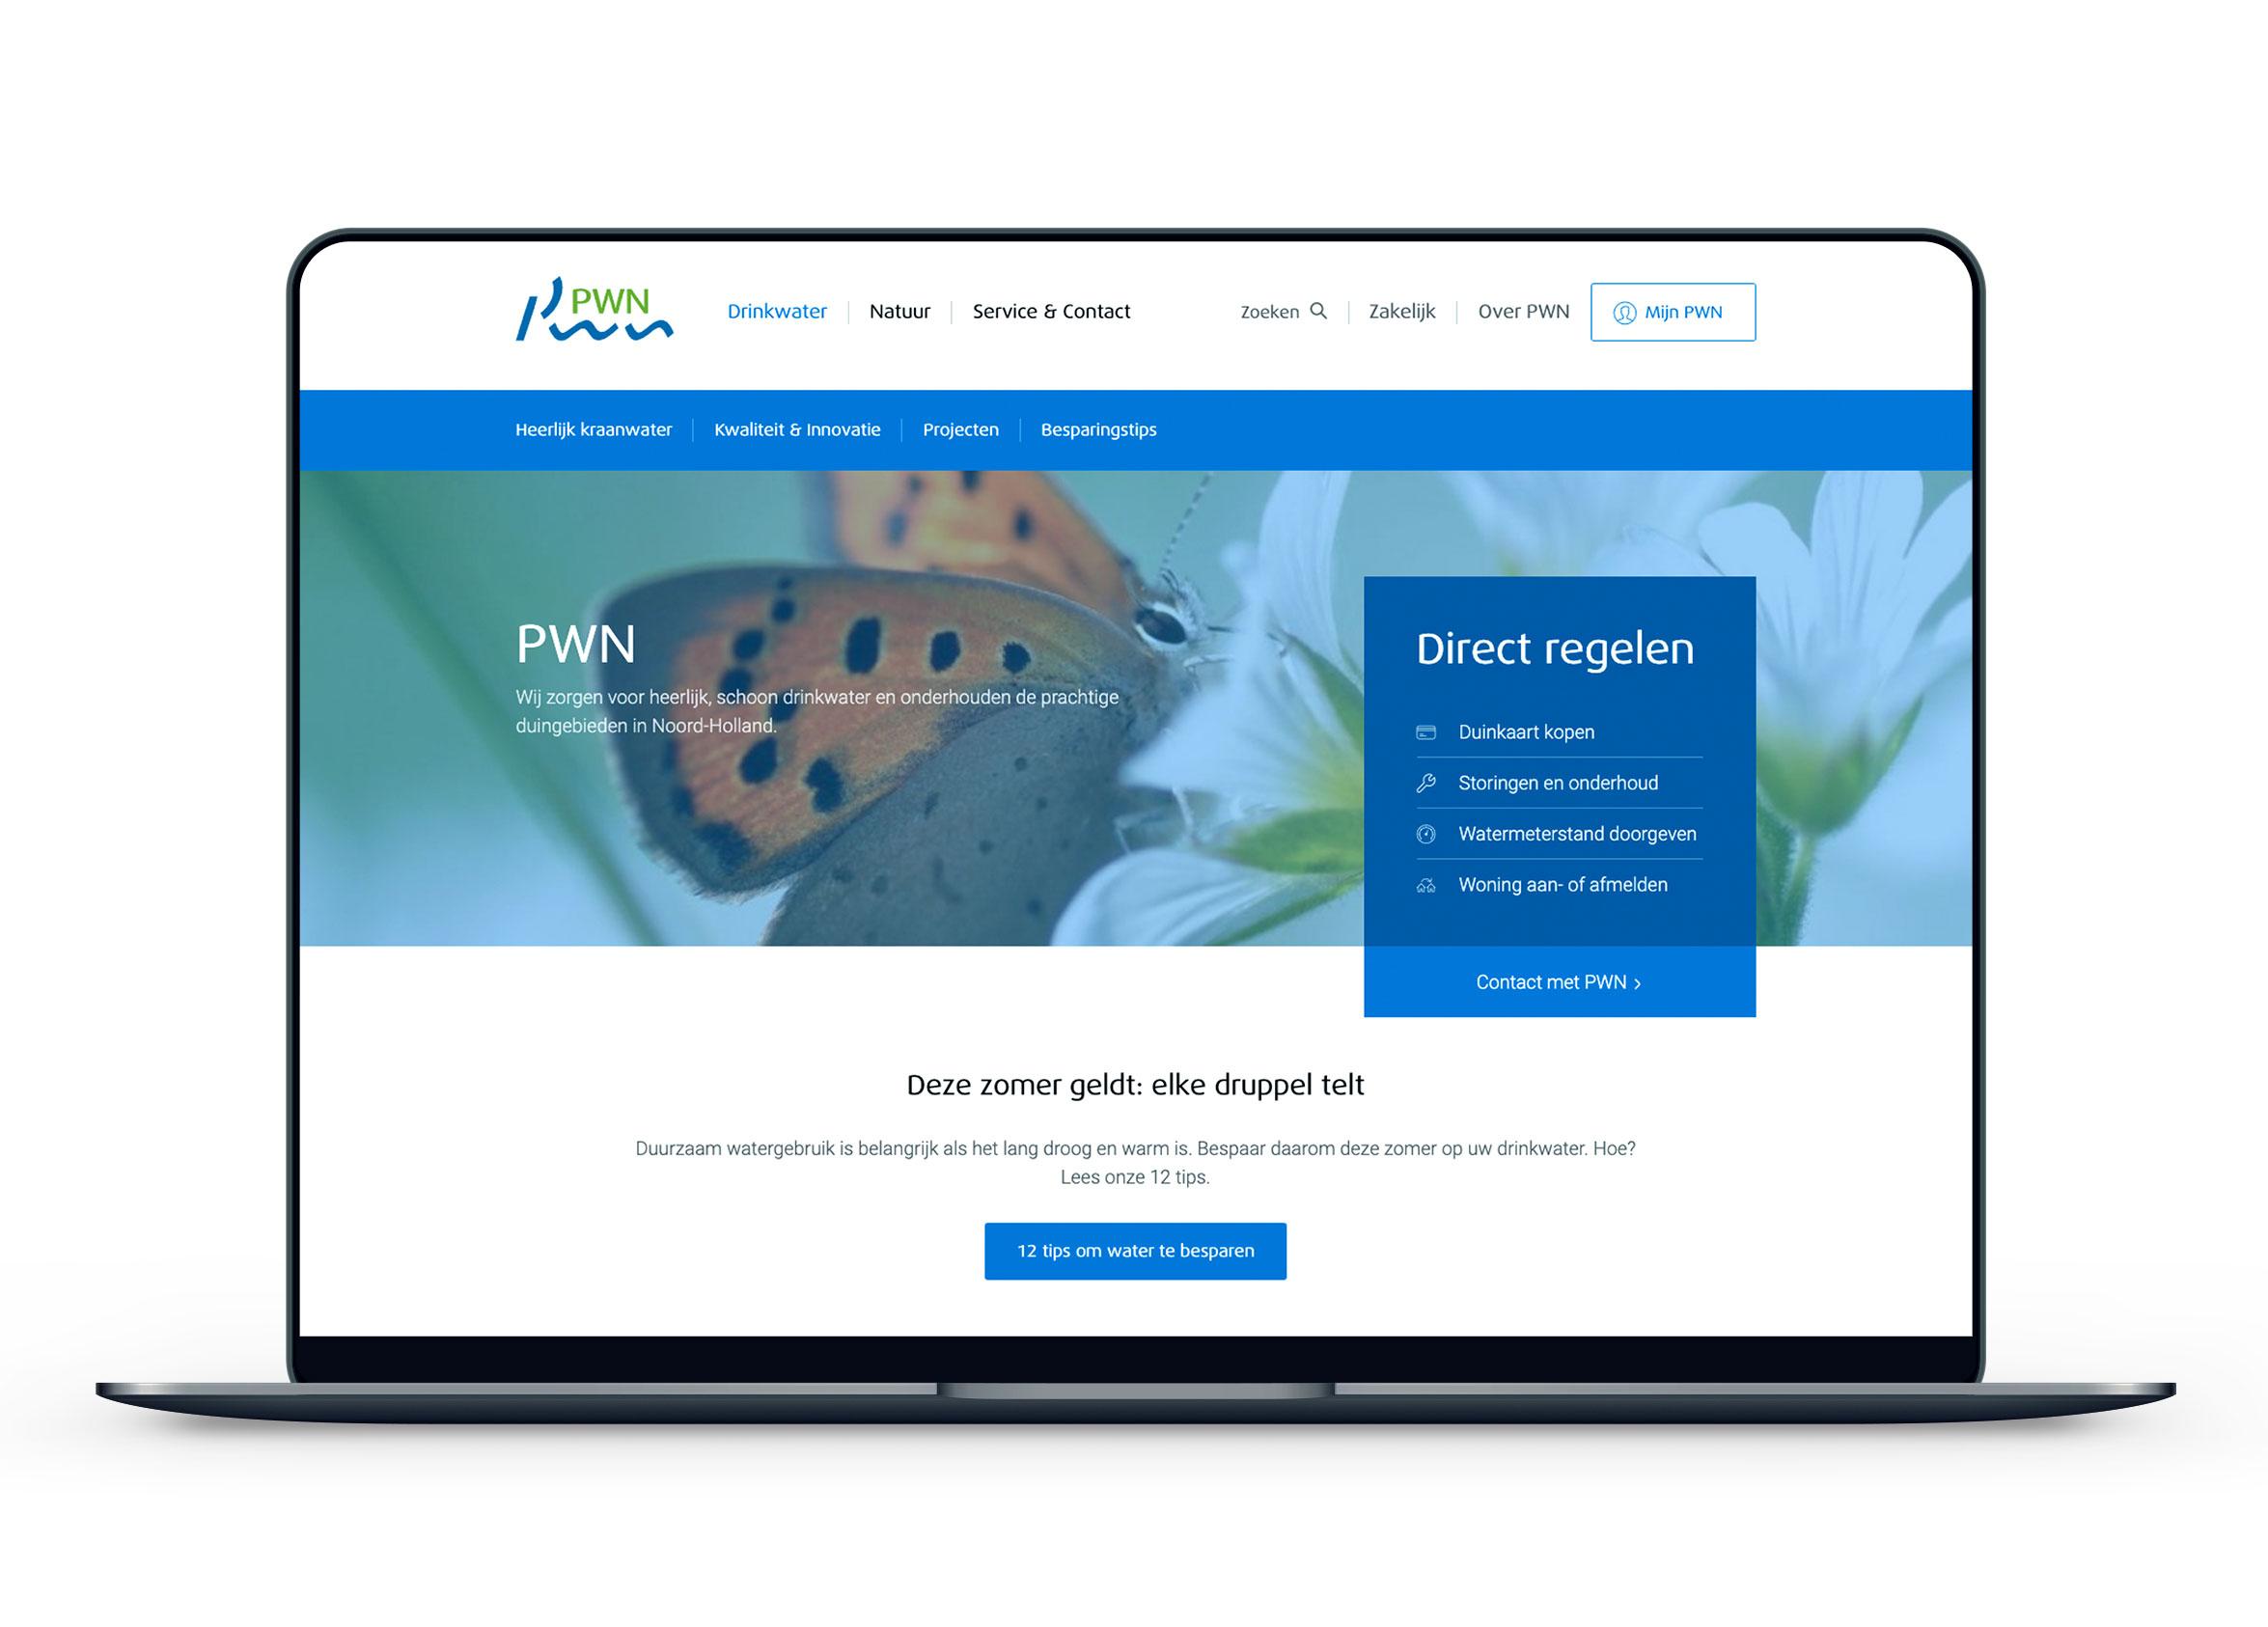 Afbeelding van de PWN website in een macbook